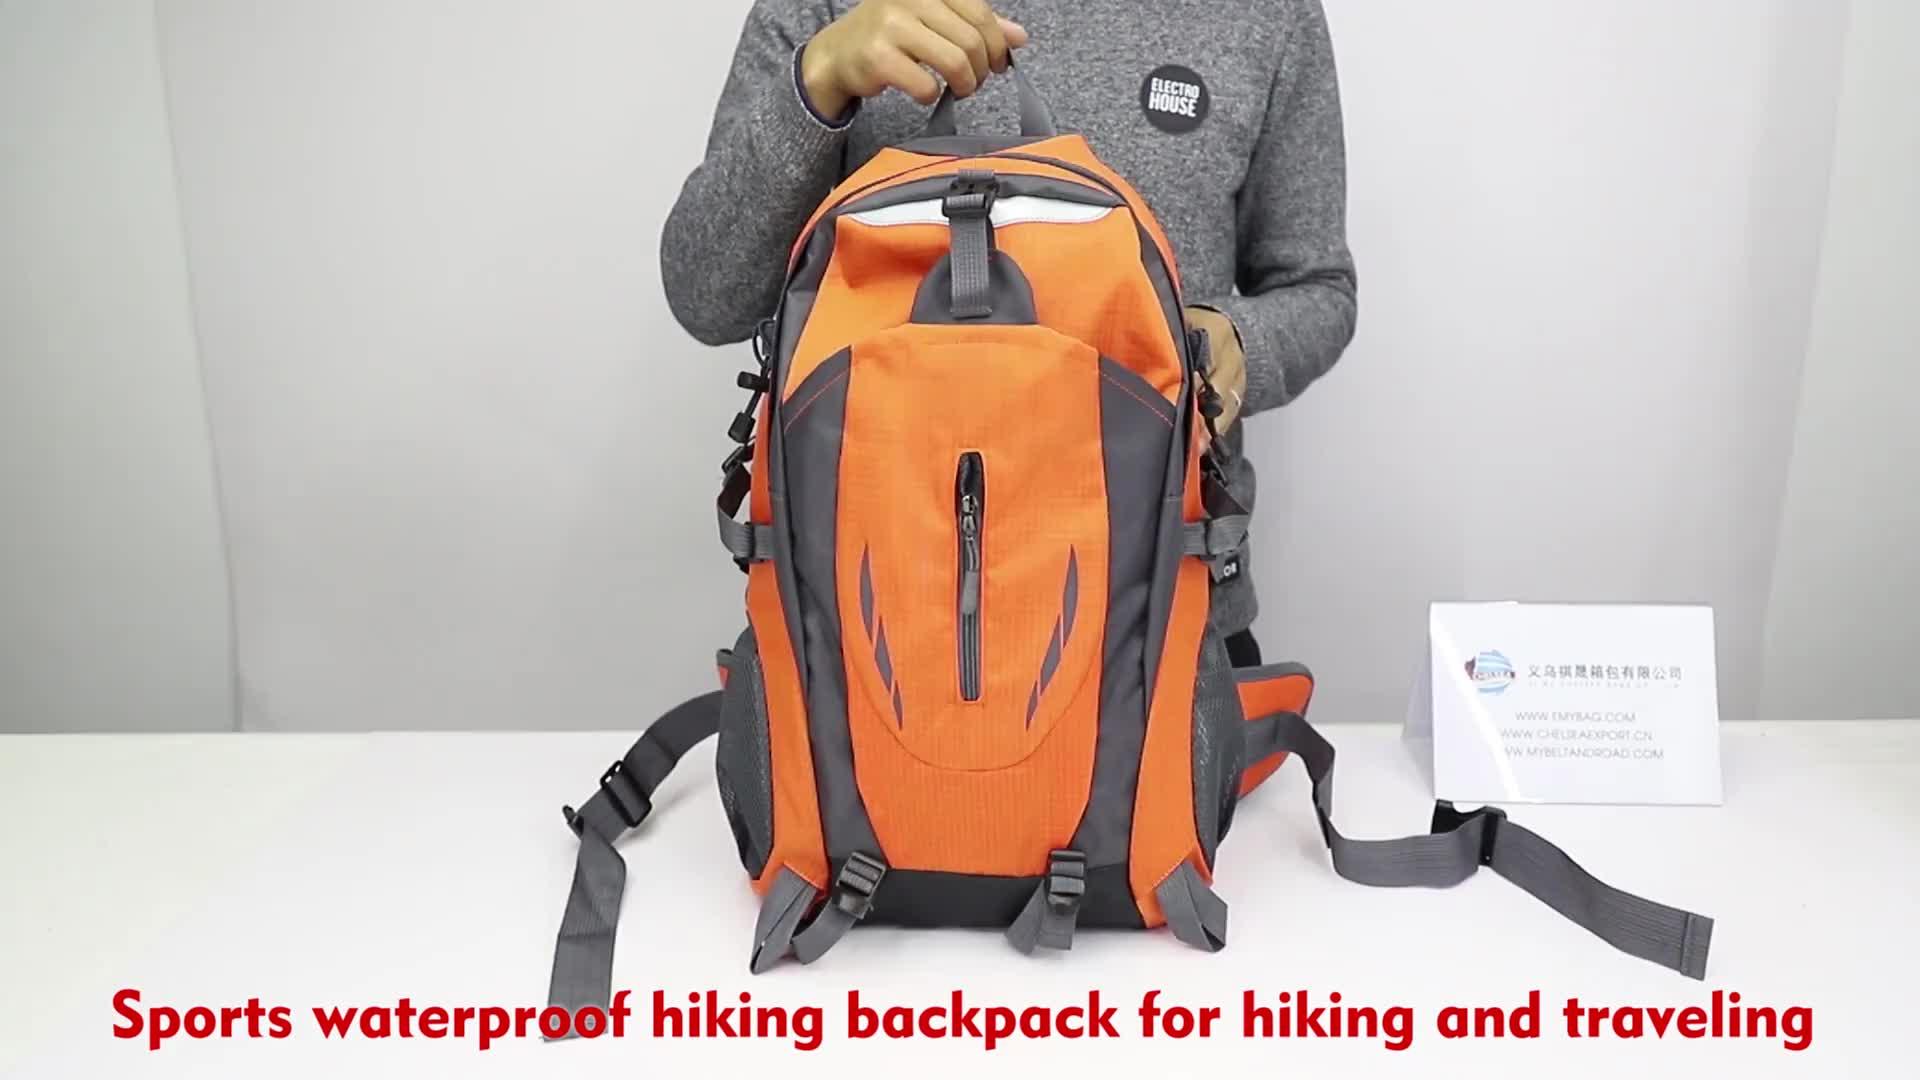 ขายส่งสีส้ม university กีฬากันน้ำกระเป๋าเป้สะพายหลังวัยรุ่นกระเป๋า